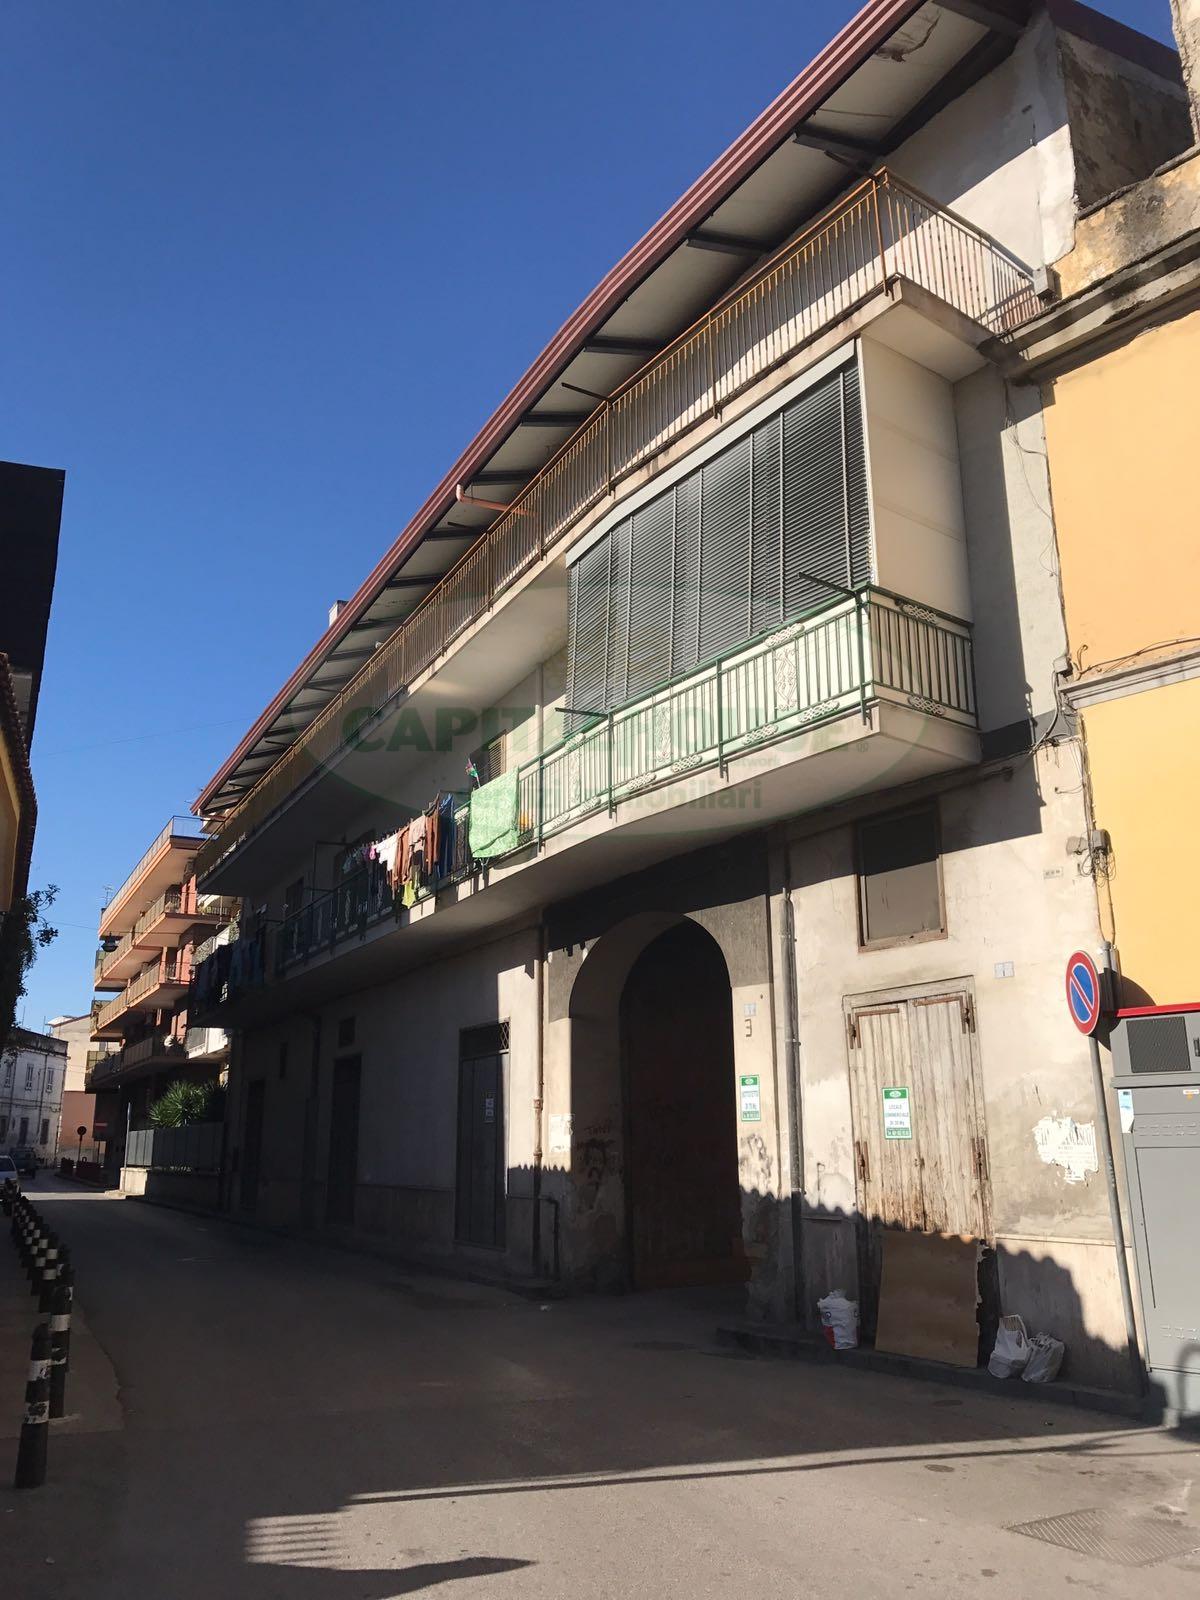 Negozio / Locale in vendita a Afragola, 9999 locali, zona Località: Centro, prezzo € 29.000   CambioCasa.it